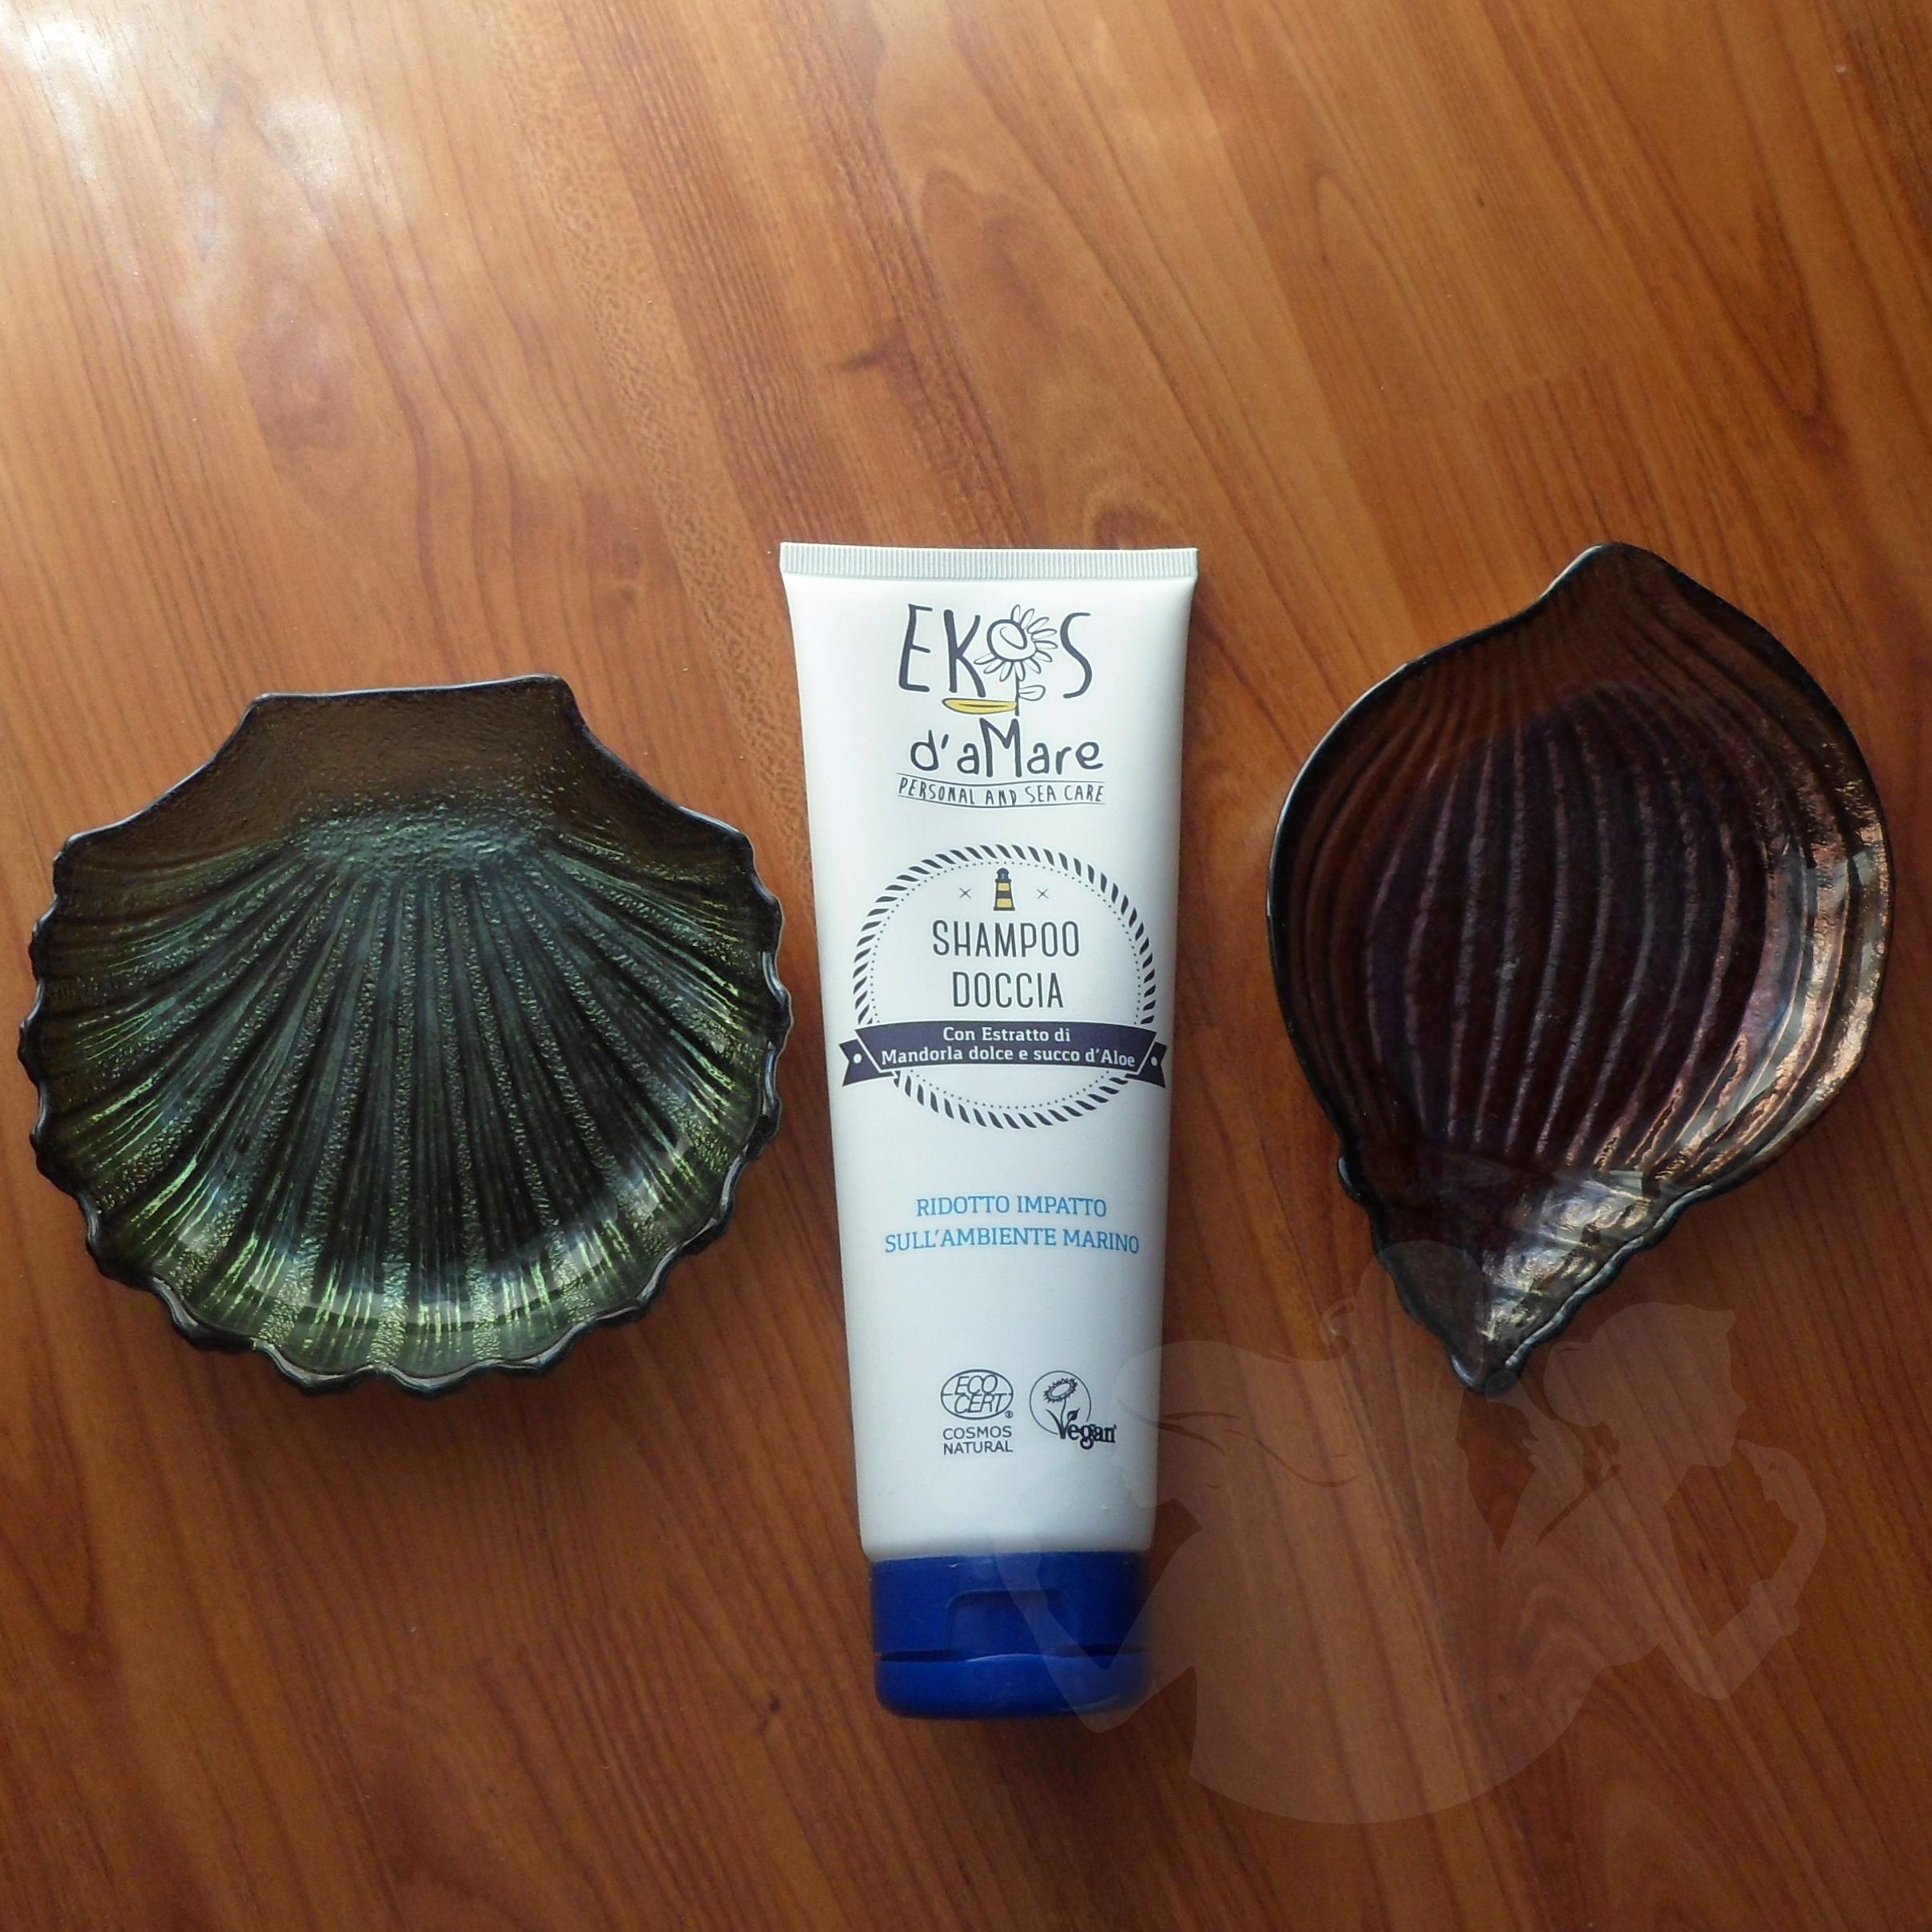 Shampoo Doccia e Balsamo d'aMare Ekos